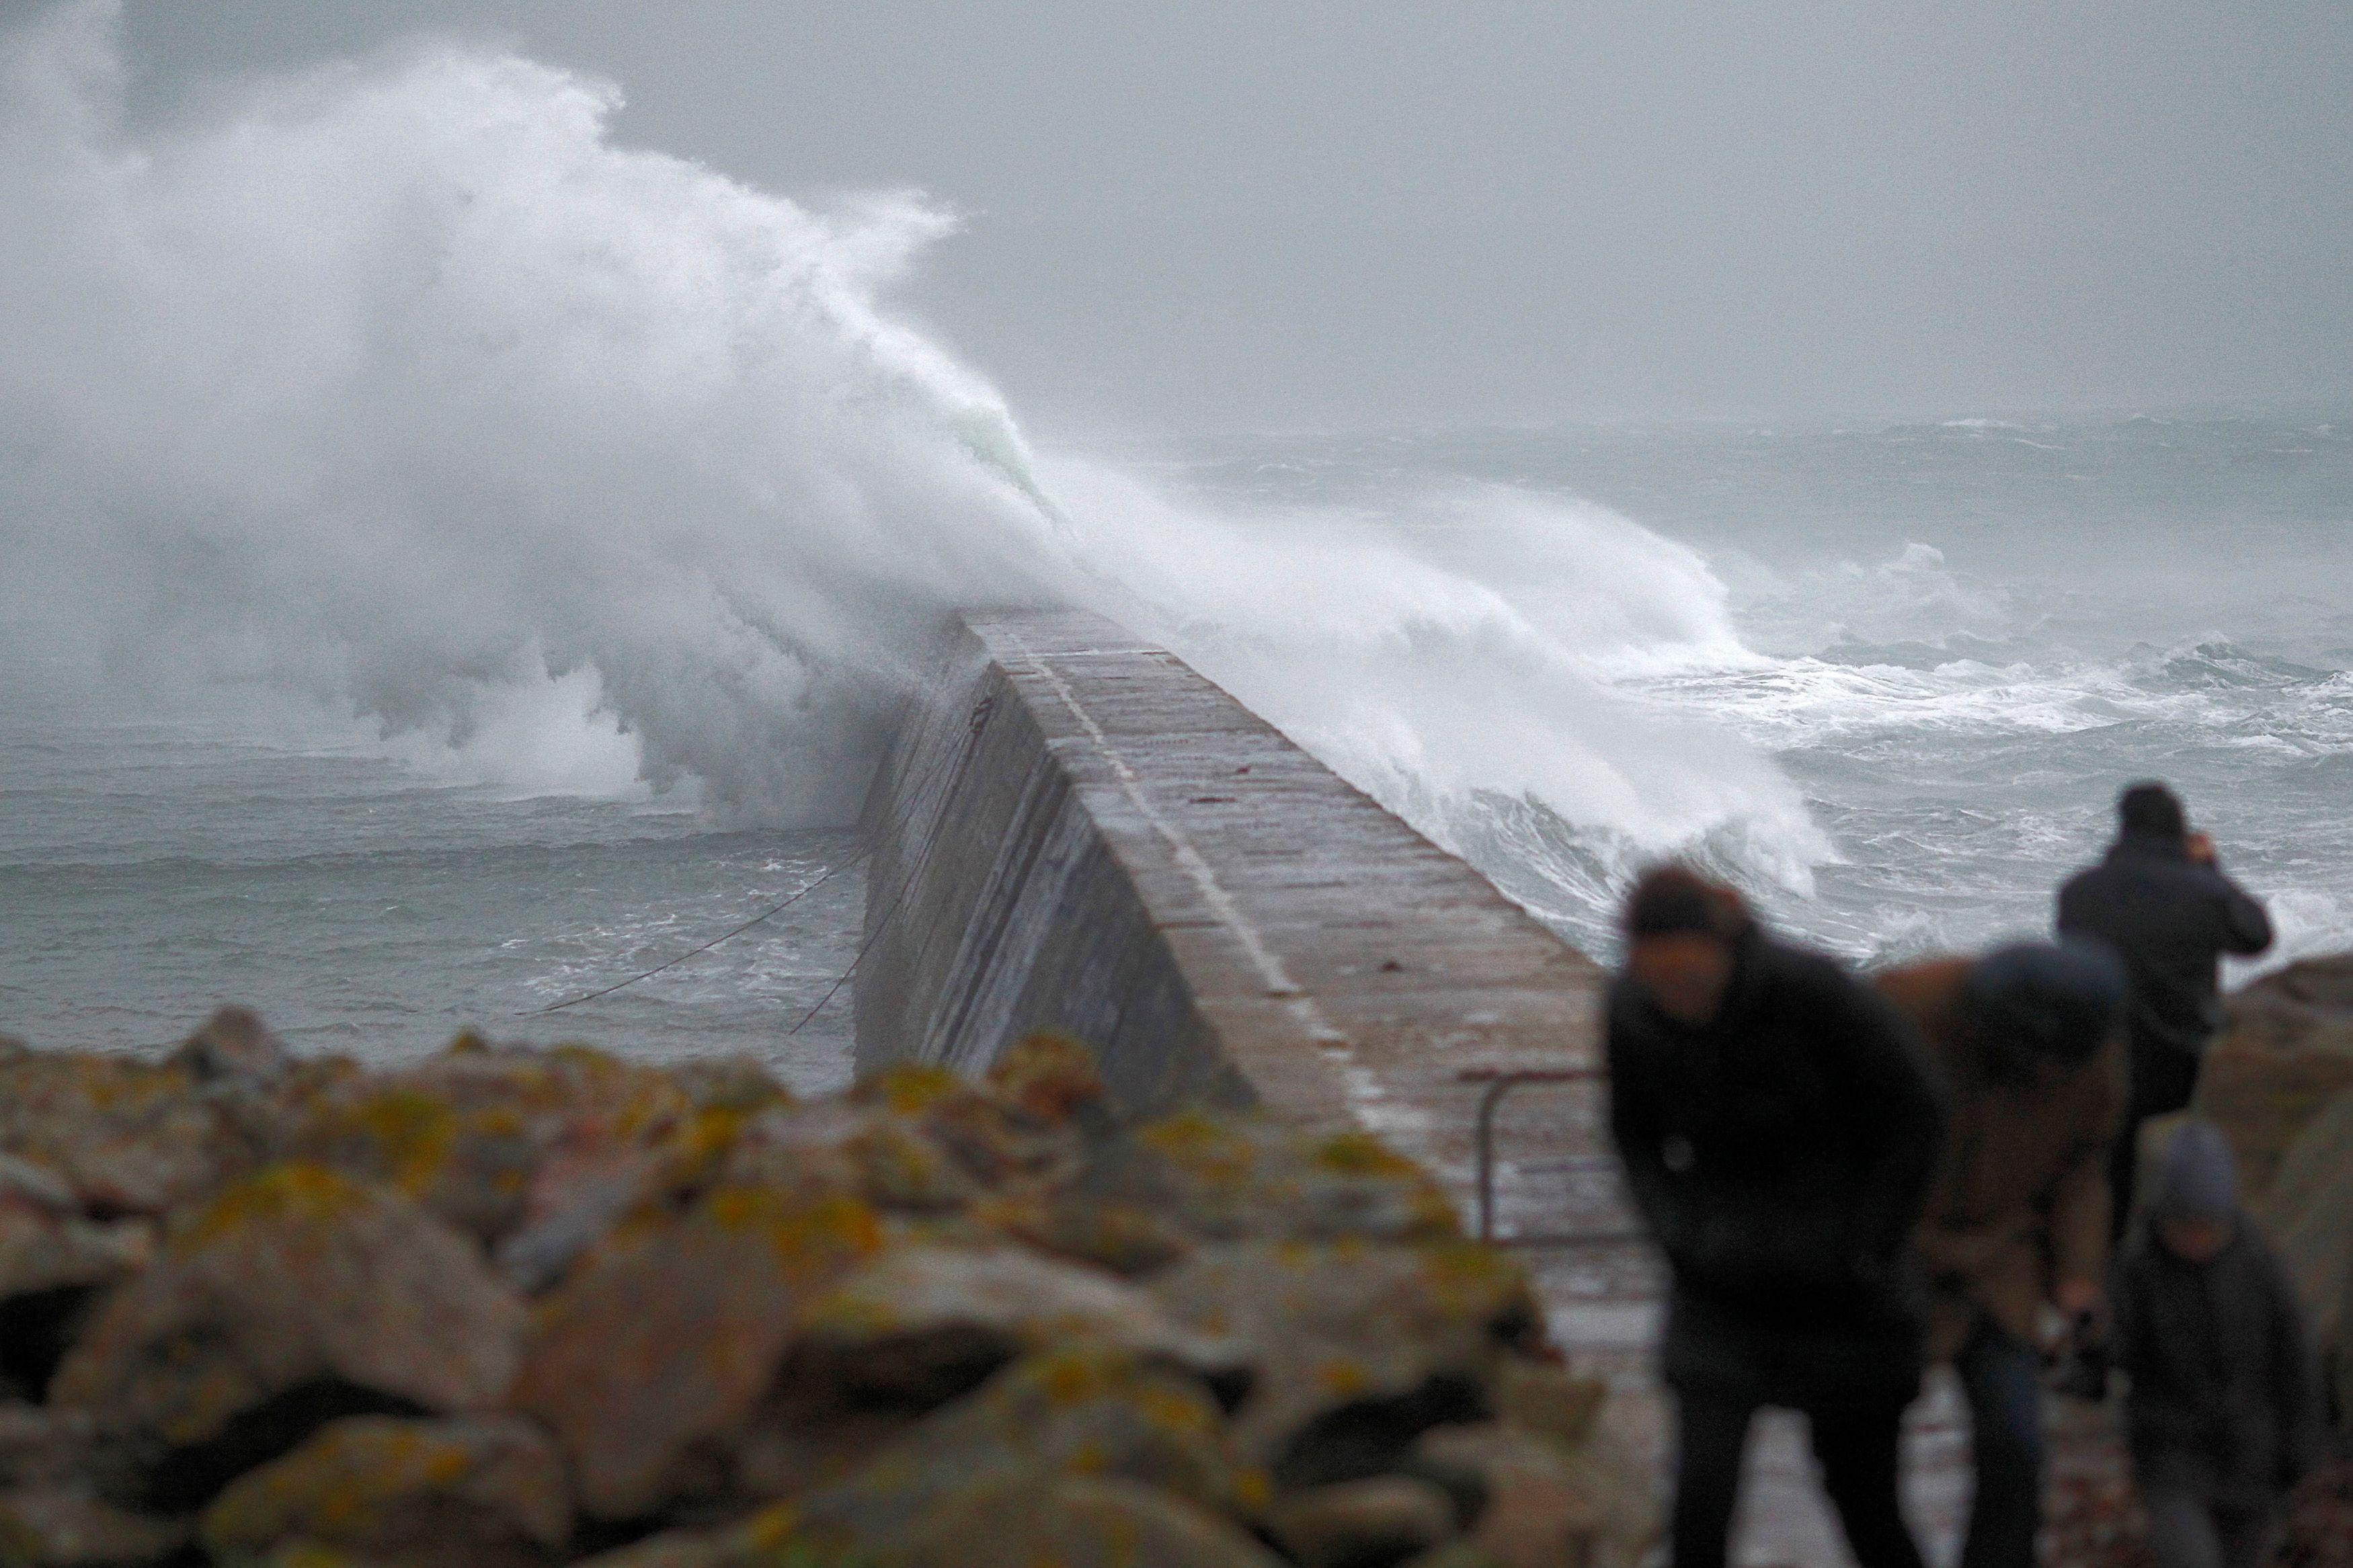 Les récentes inondations en Bretagne ont pris les autorités de court.